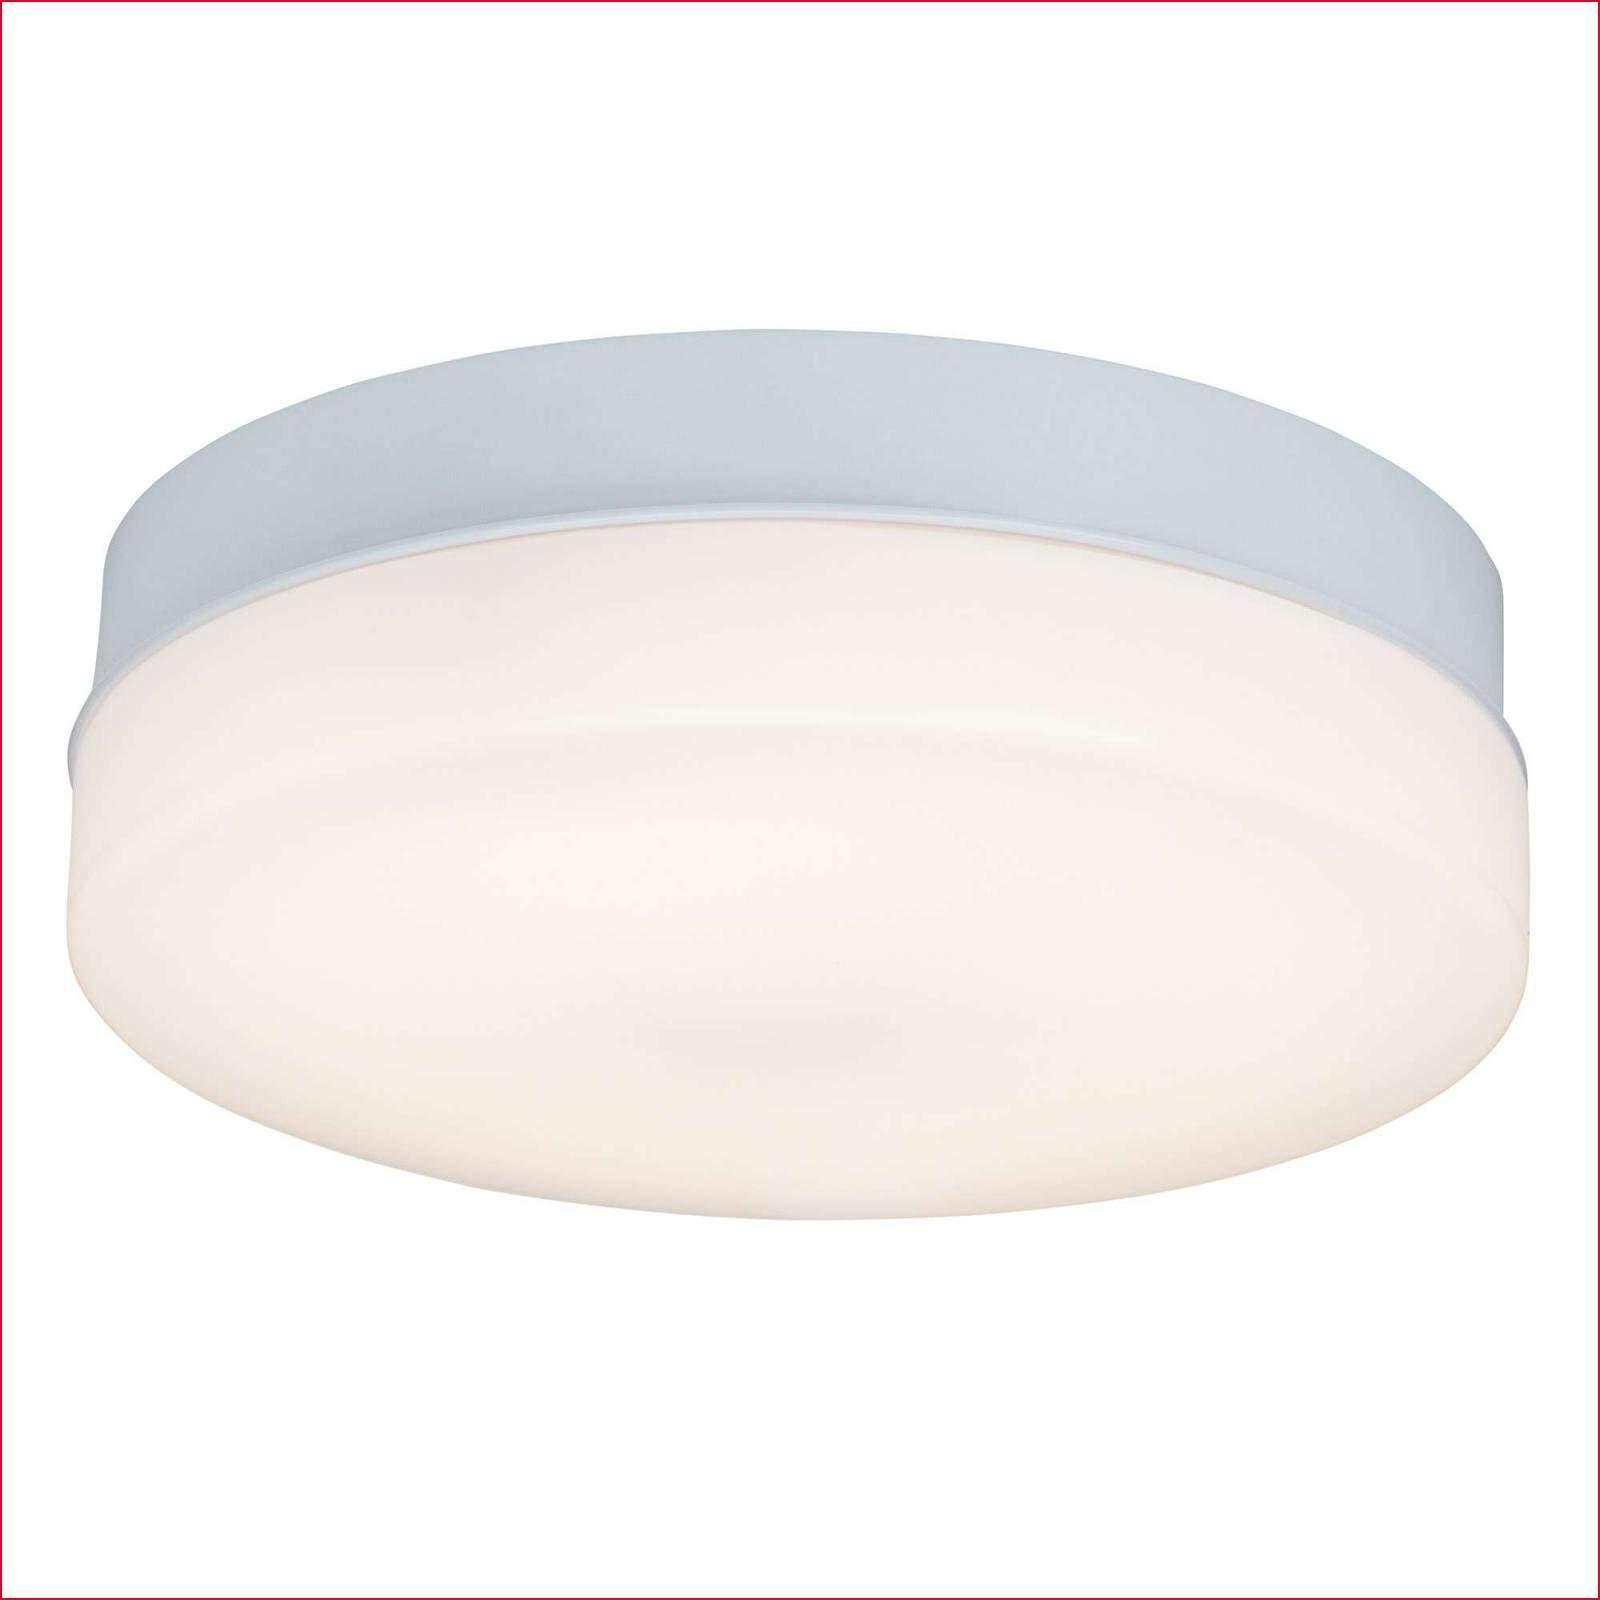 lampe wohnzimmer decke das beste von schon licht lampe sammlung von lampe idee lampe ideen of lampe wohnzimmer decke